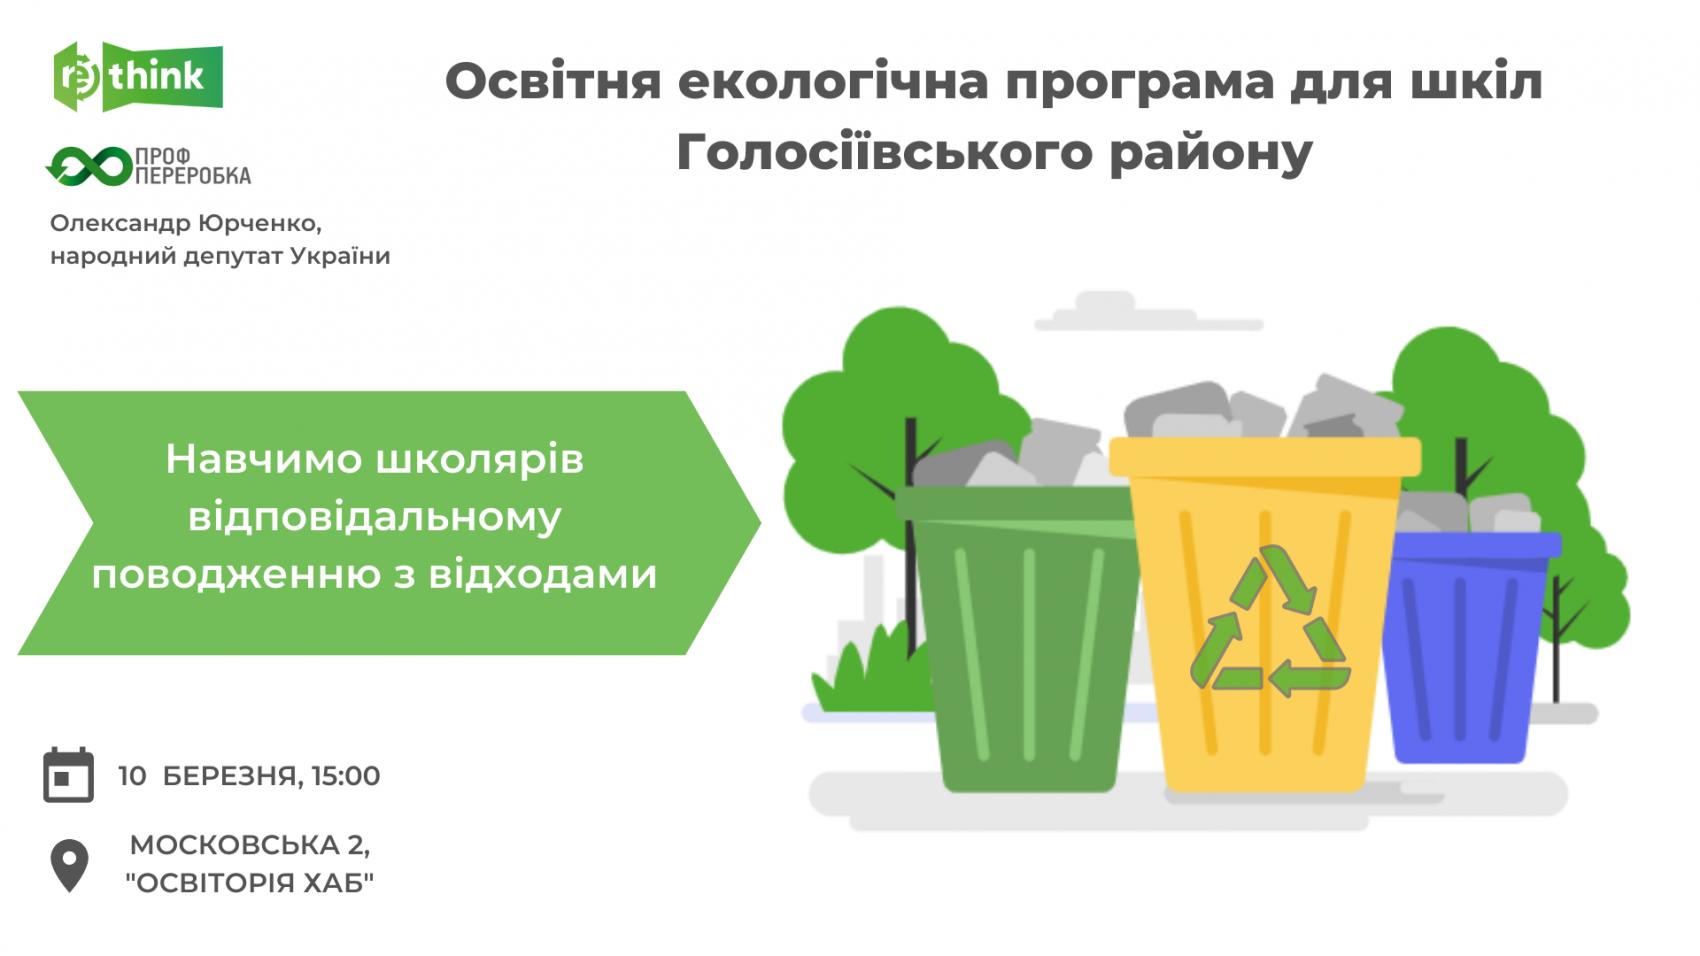 Освітня екологічна програма для школярів